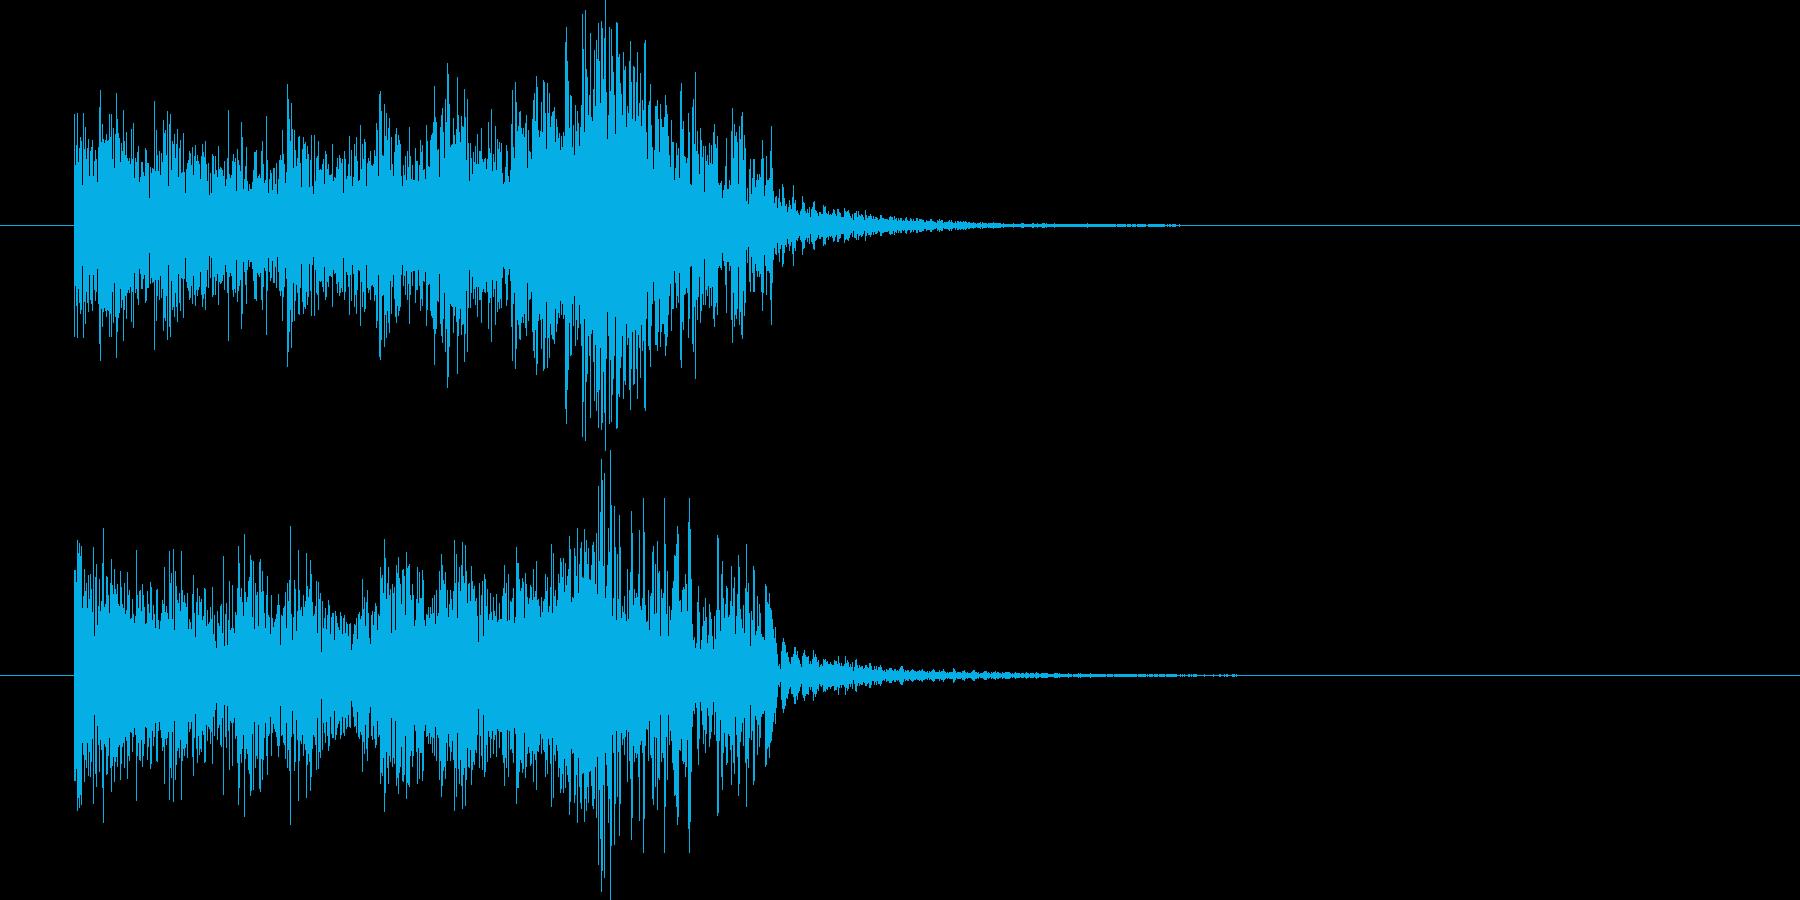 弦のピッチカートによる3秒サウンドロゴの再生済みの波形